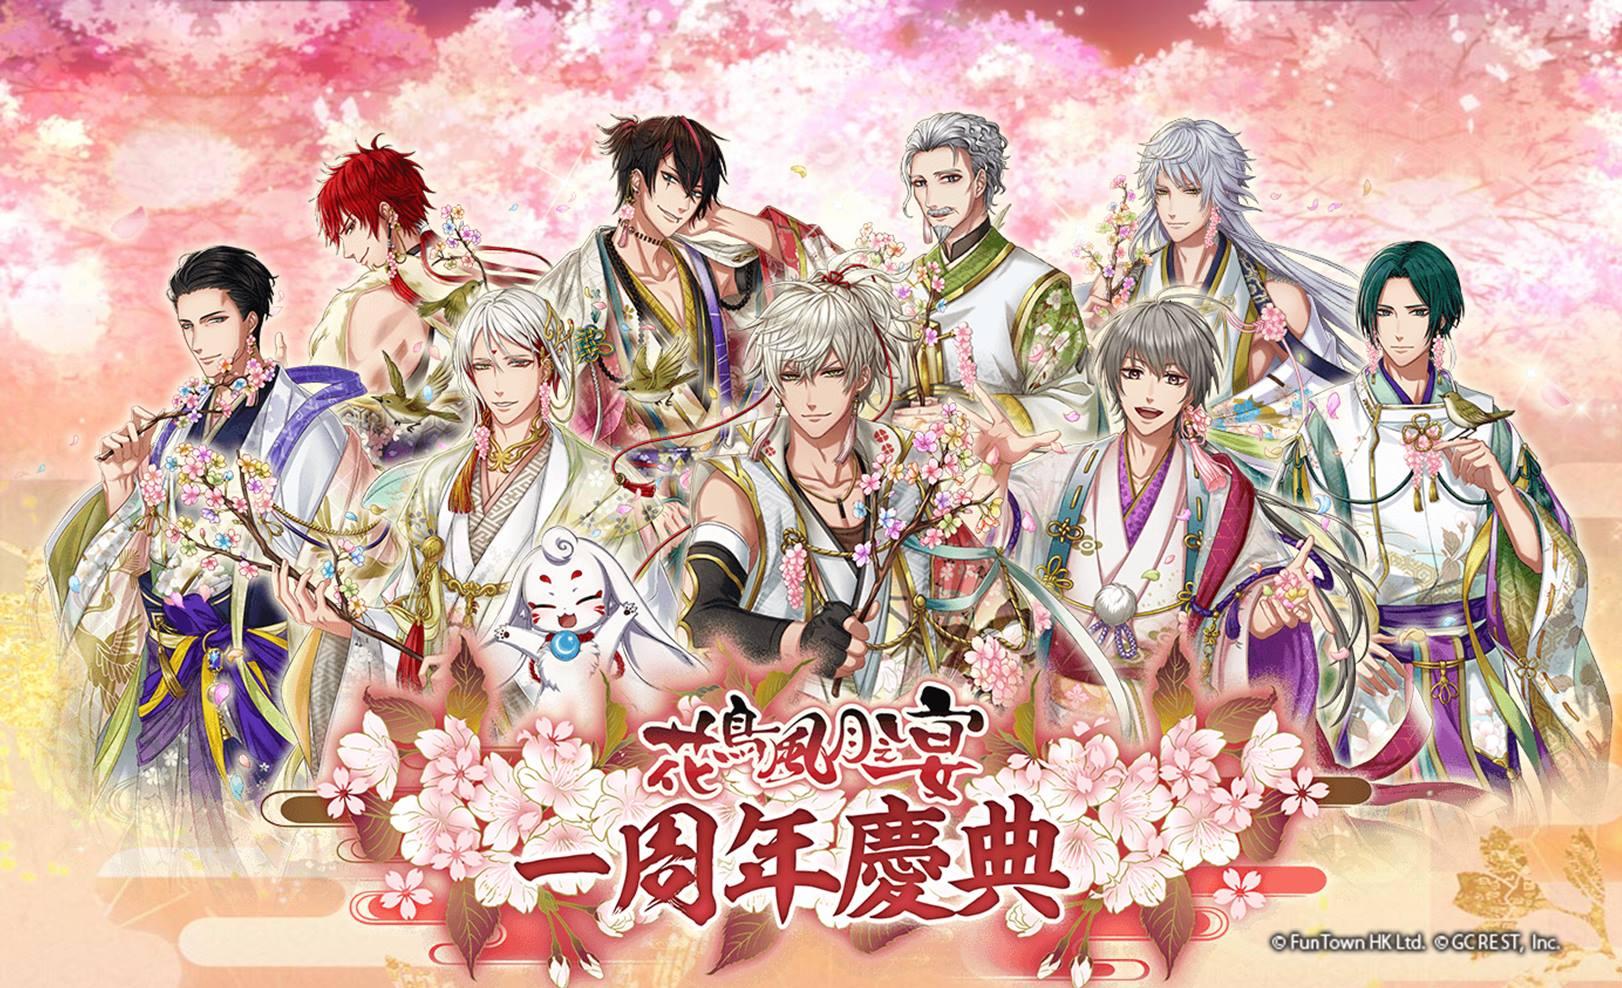 《在茜色世界與君詠唱》邁向一周年 邀你共赴絢爛七彩櫻盛宴!